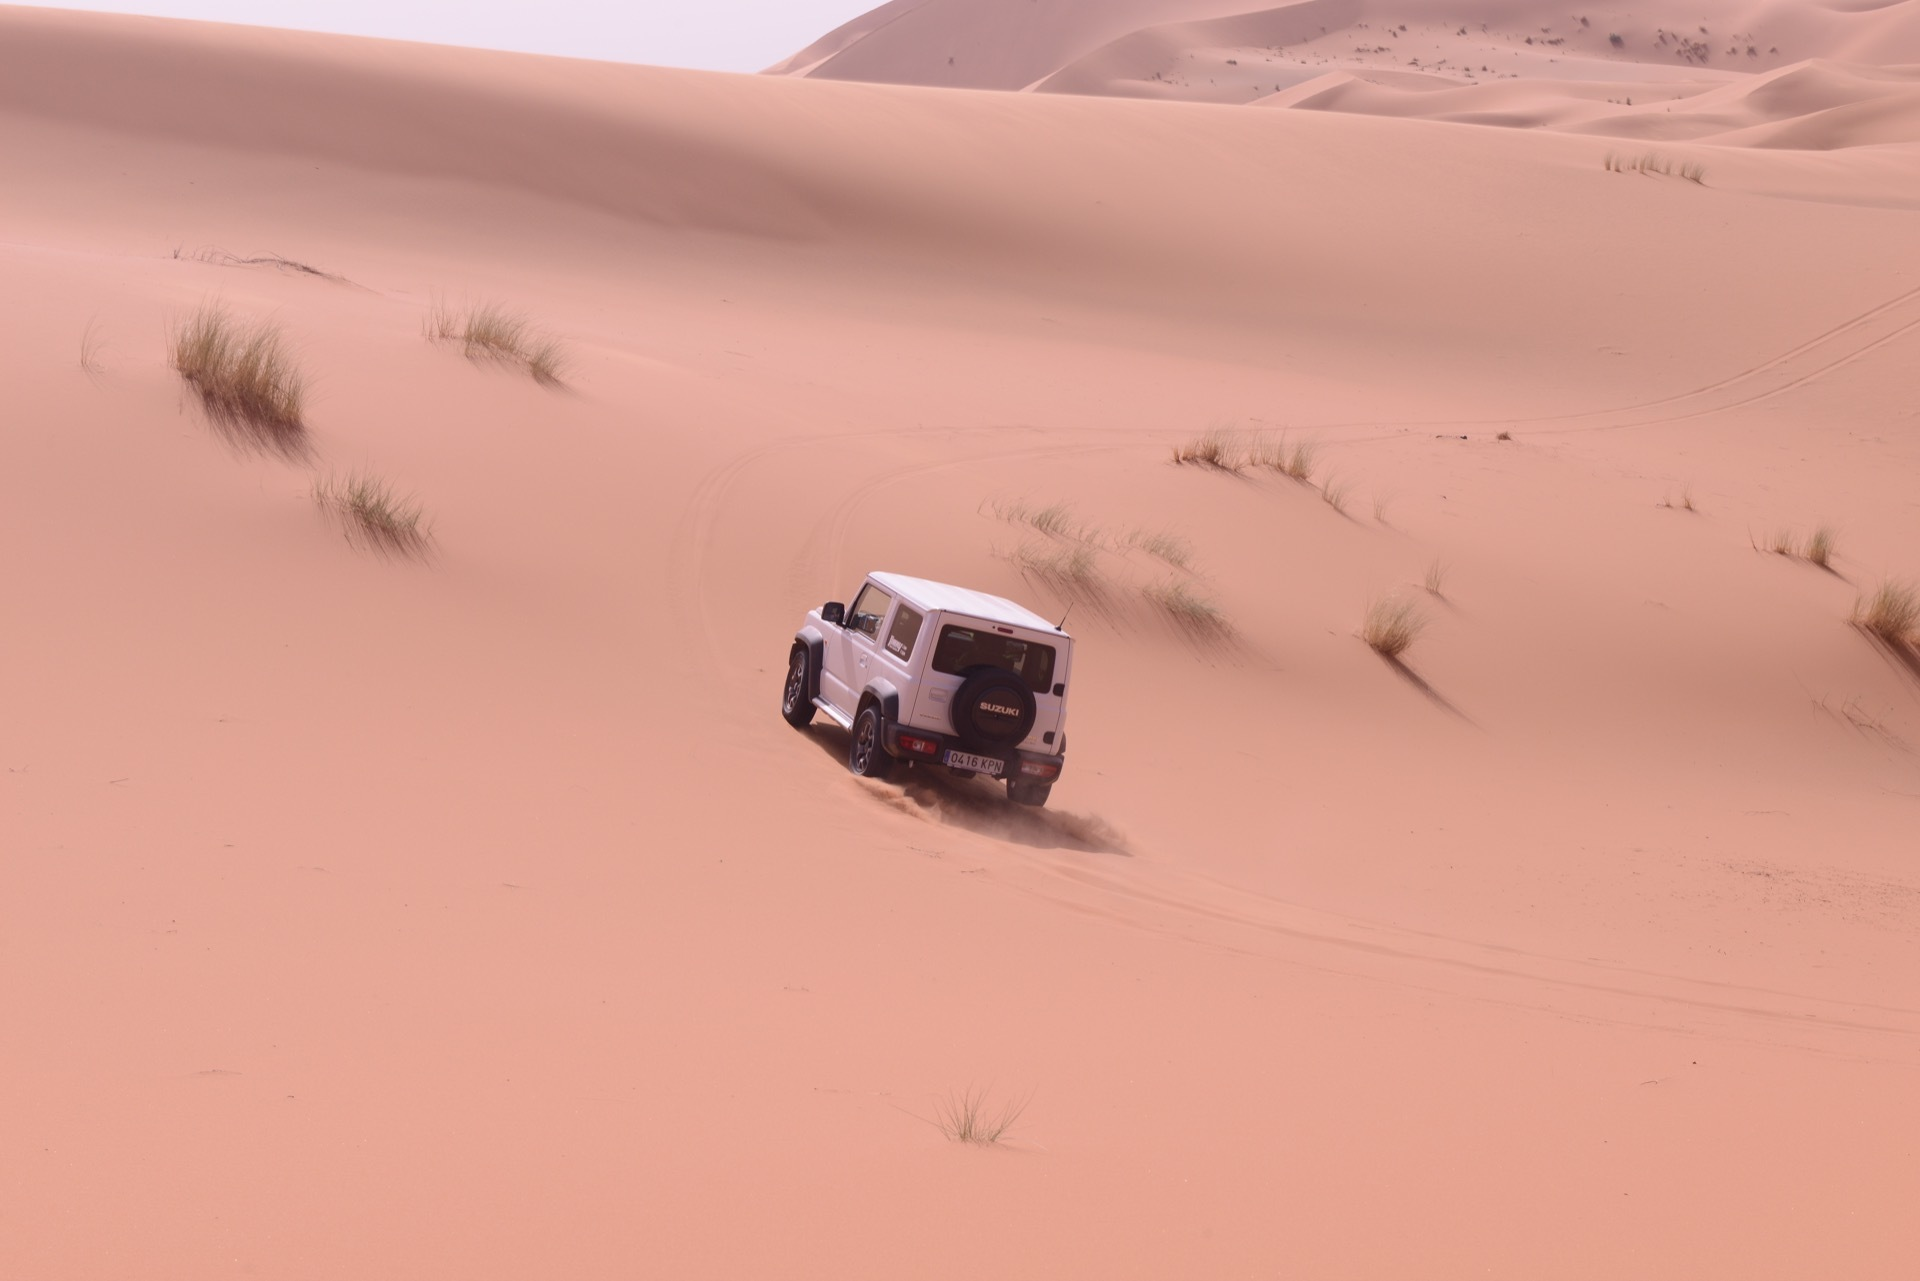 Suzuki Jimny Desert Experience 2019 00186